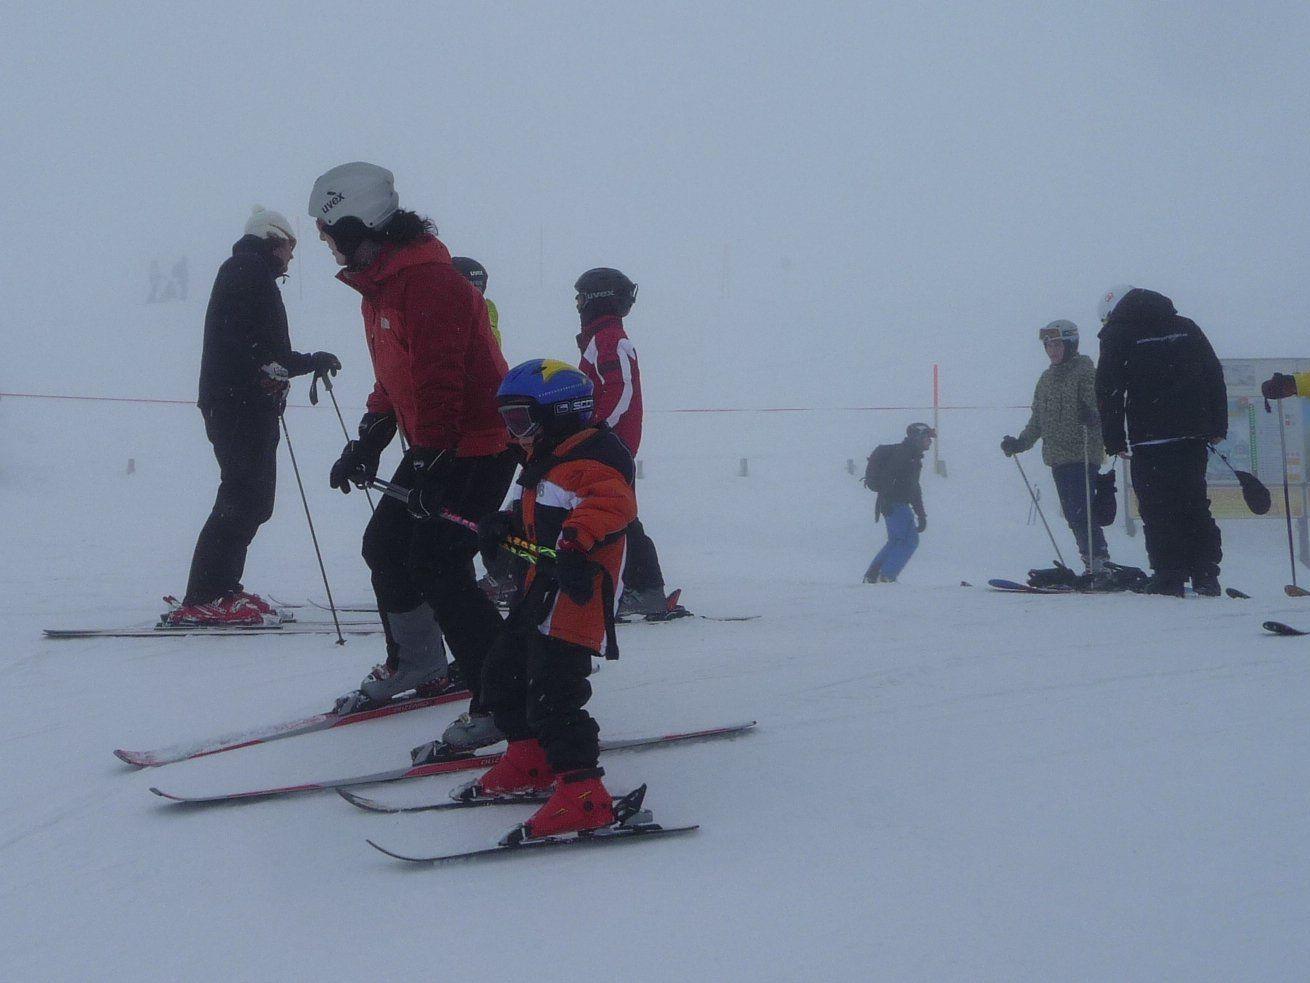 Mit dem Vorarlberger Familienpass ist ein günstiges Schi- oder Langlaufvergnügen für die ganze Familie garantiert.